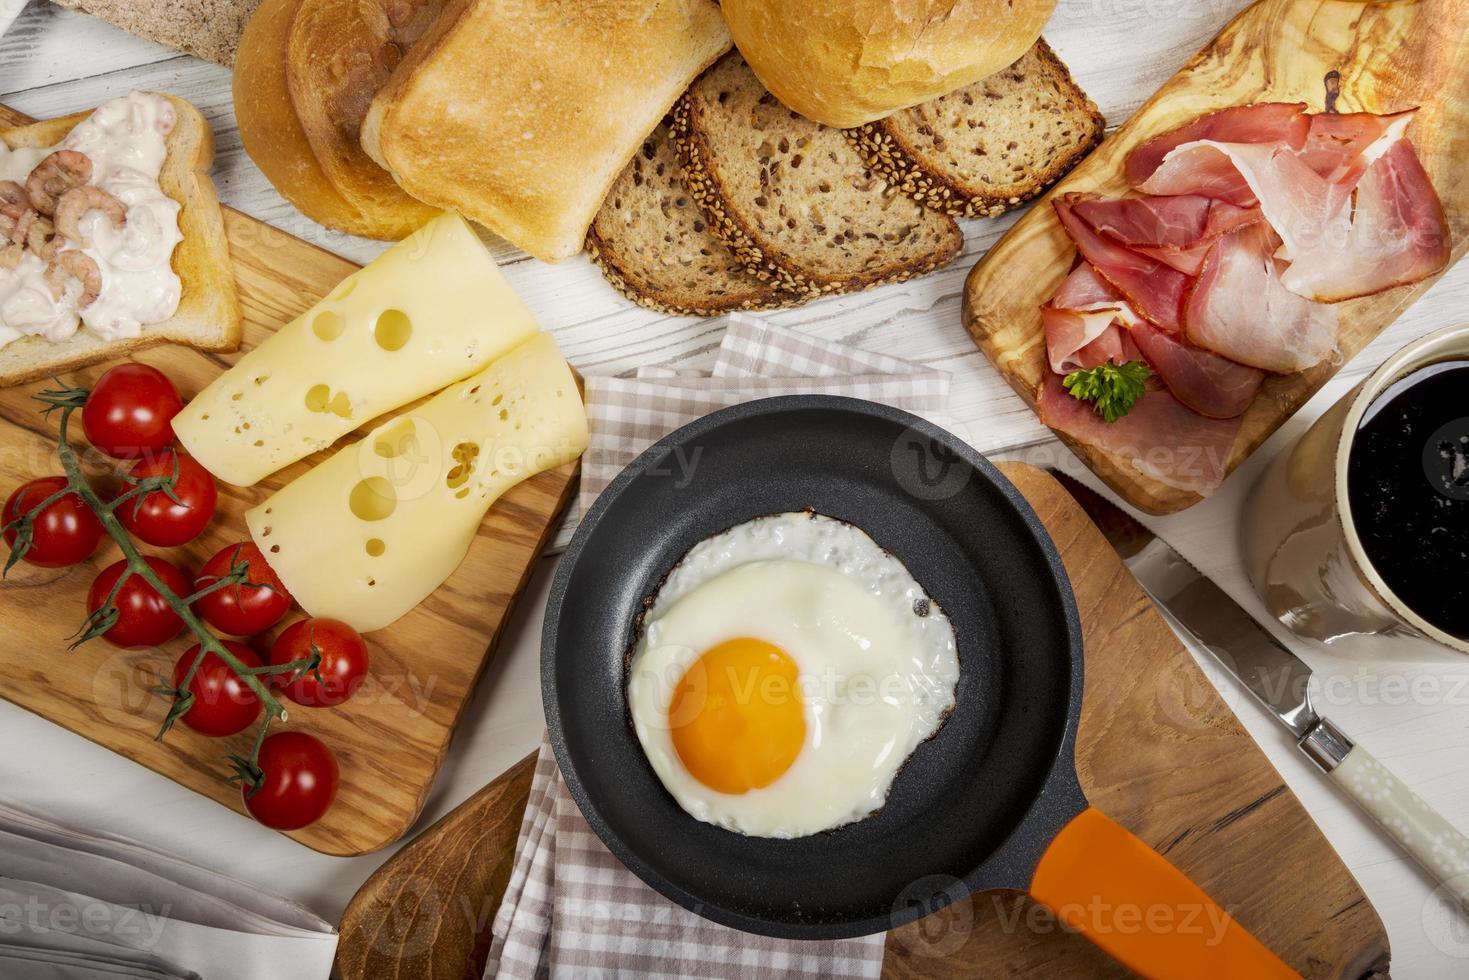 ovo frito na panela, queijo, presunto, pão e pãezinhos foto